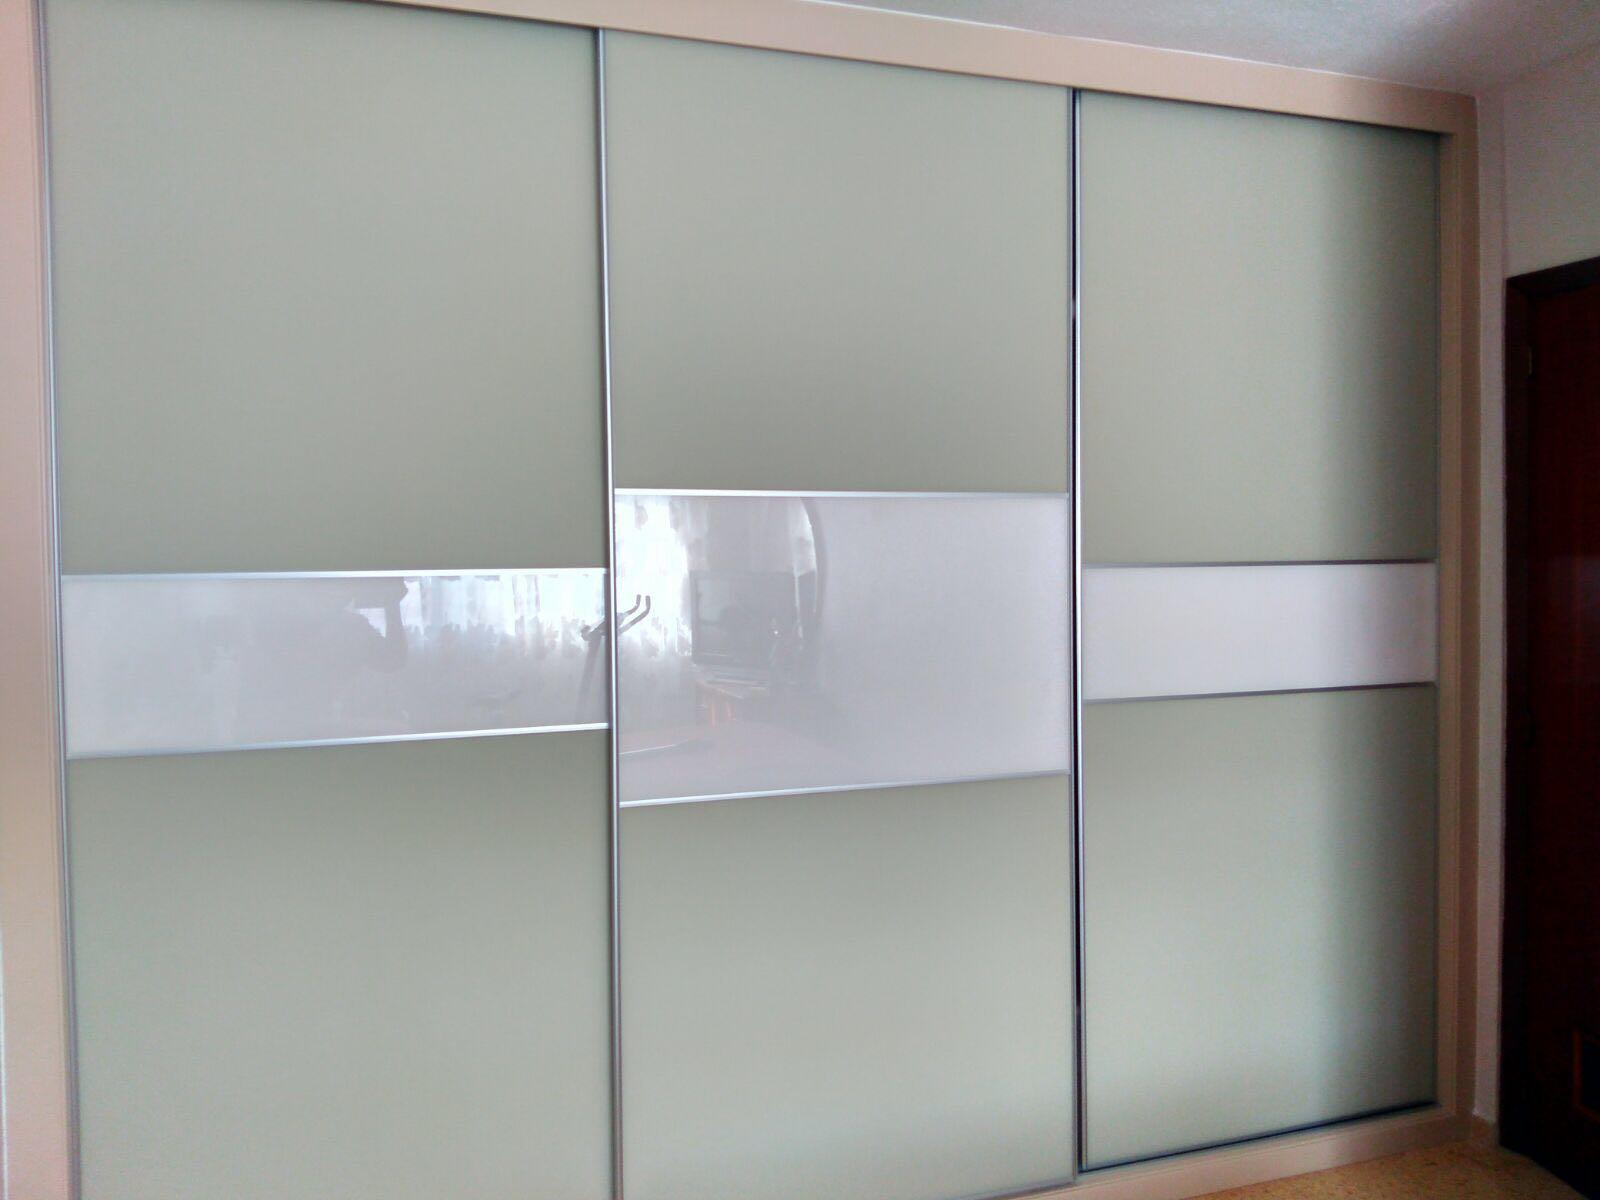 armario puertas correderas cristal blanco y mate